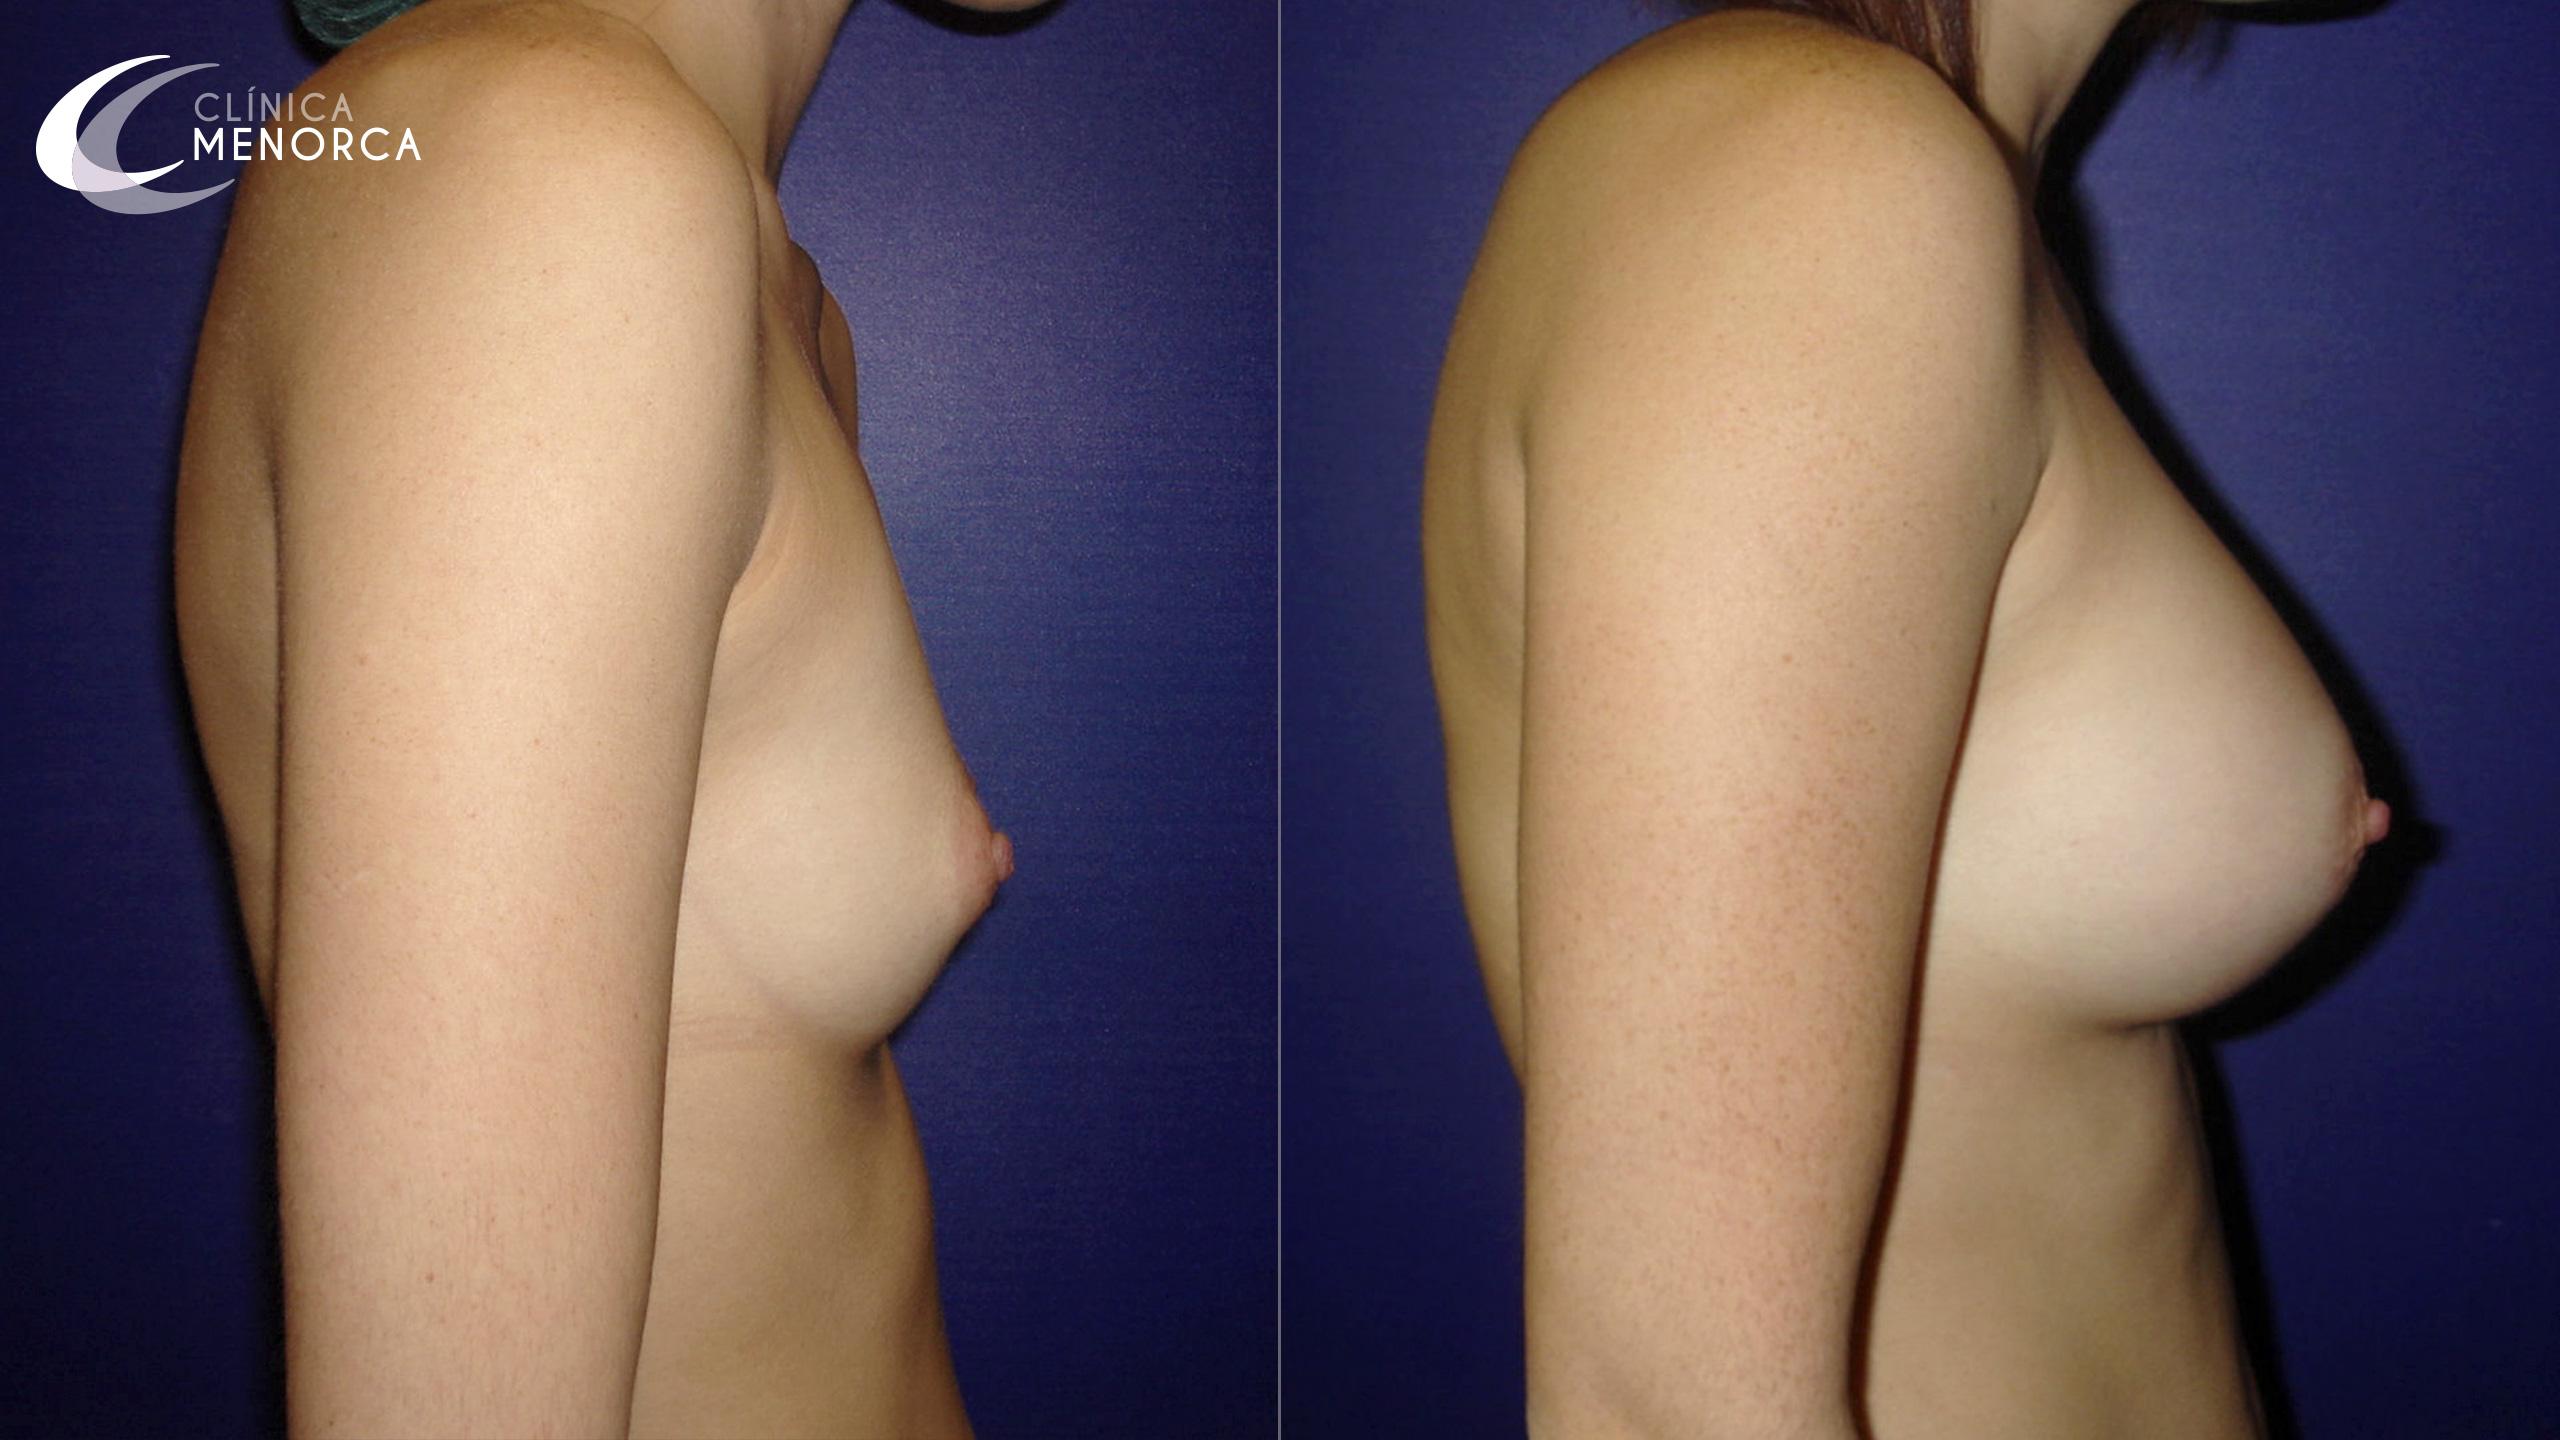 Foto antes y después de aumento de mamas